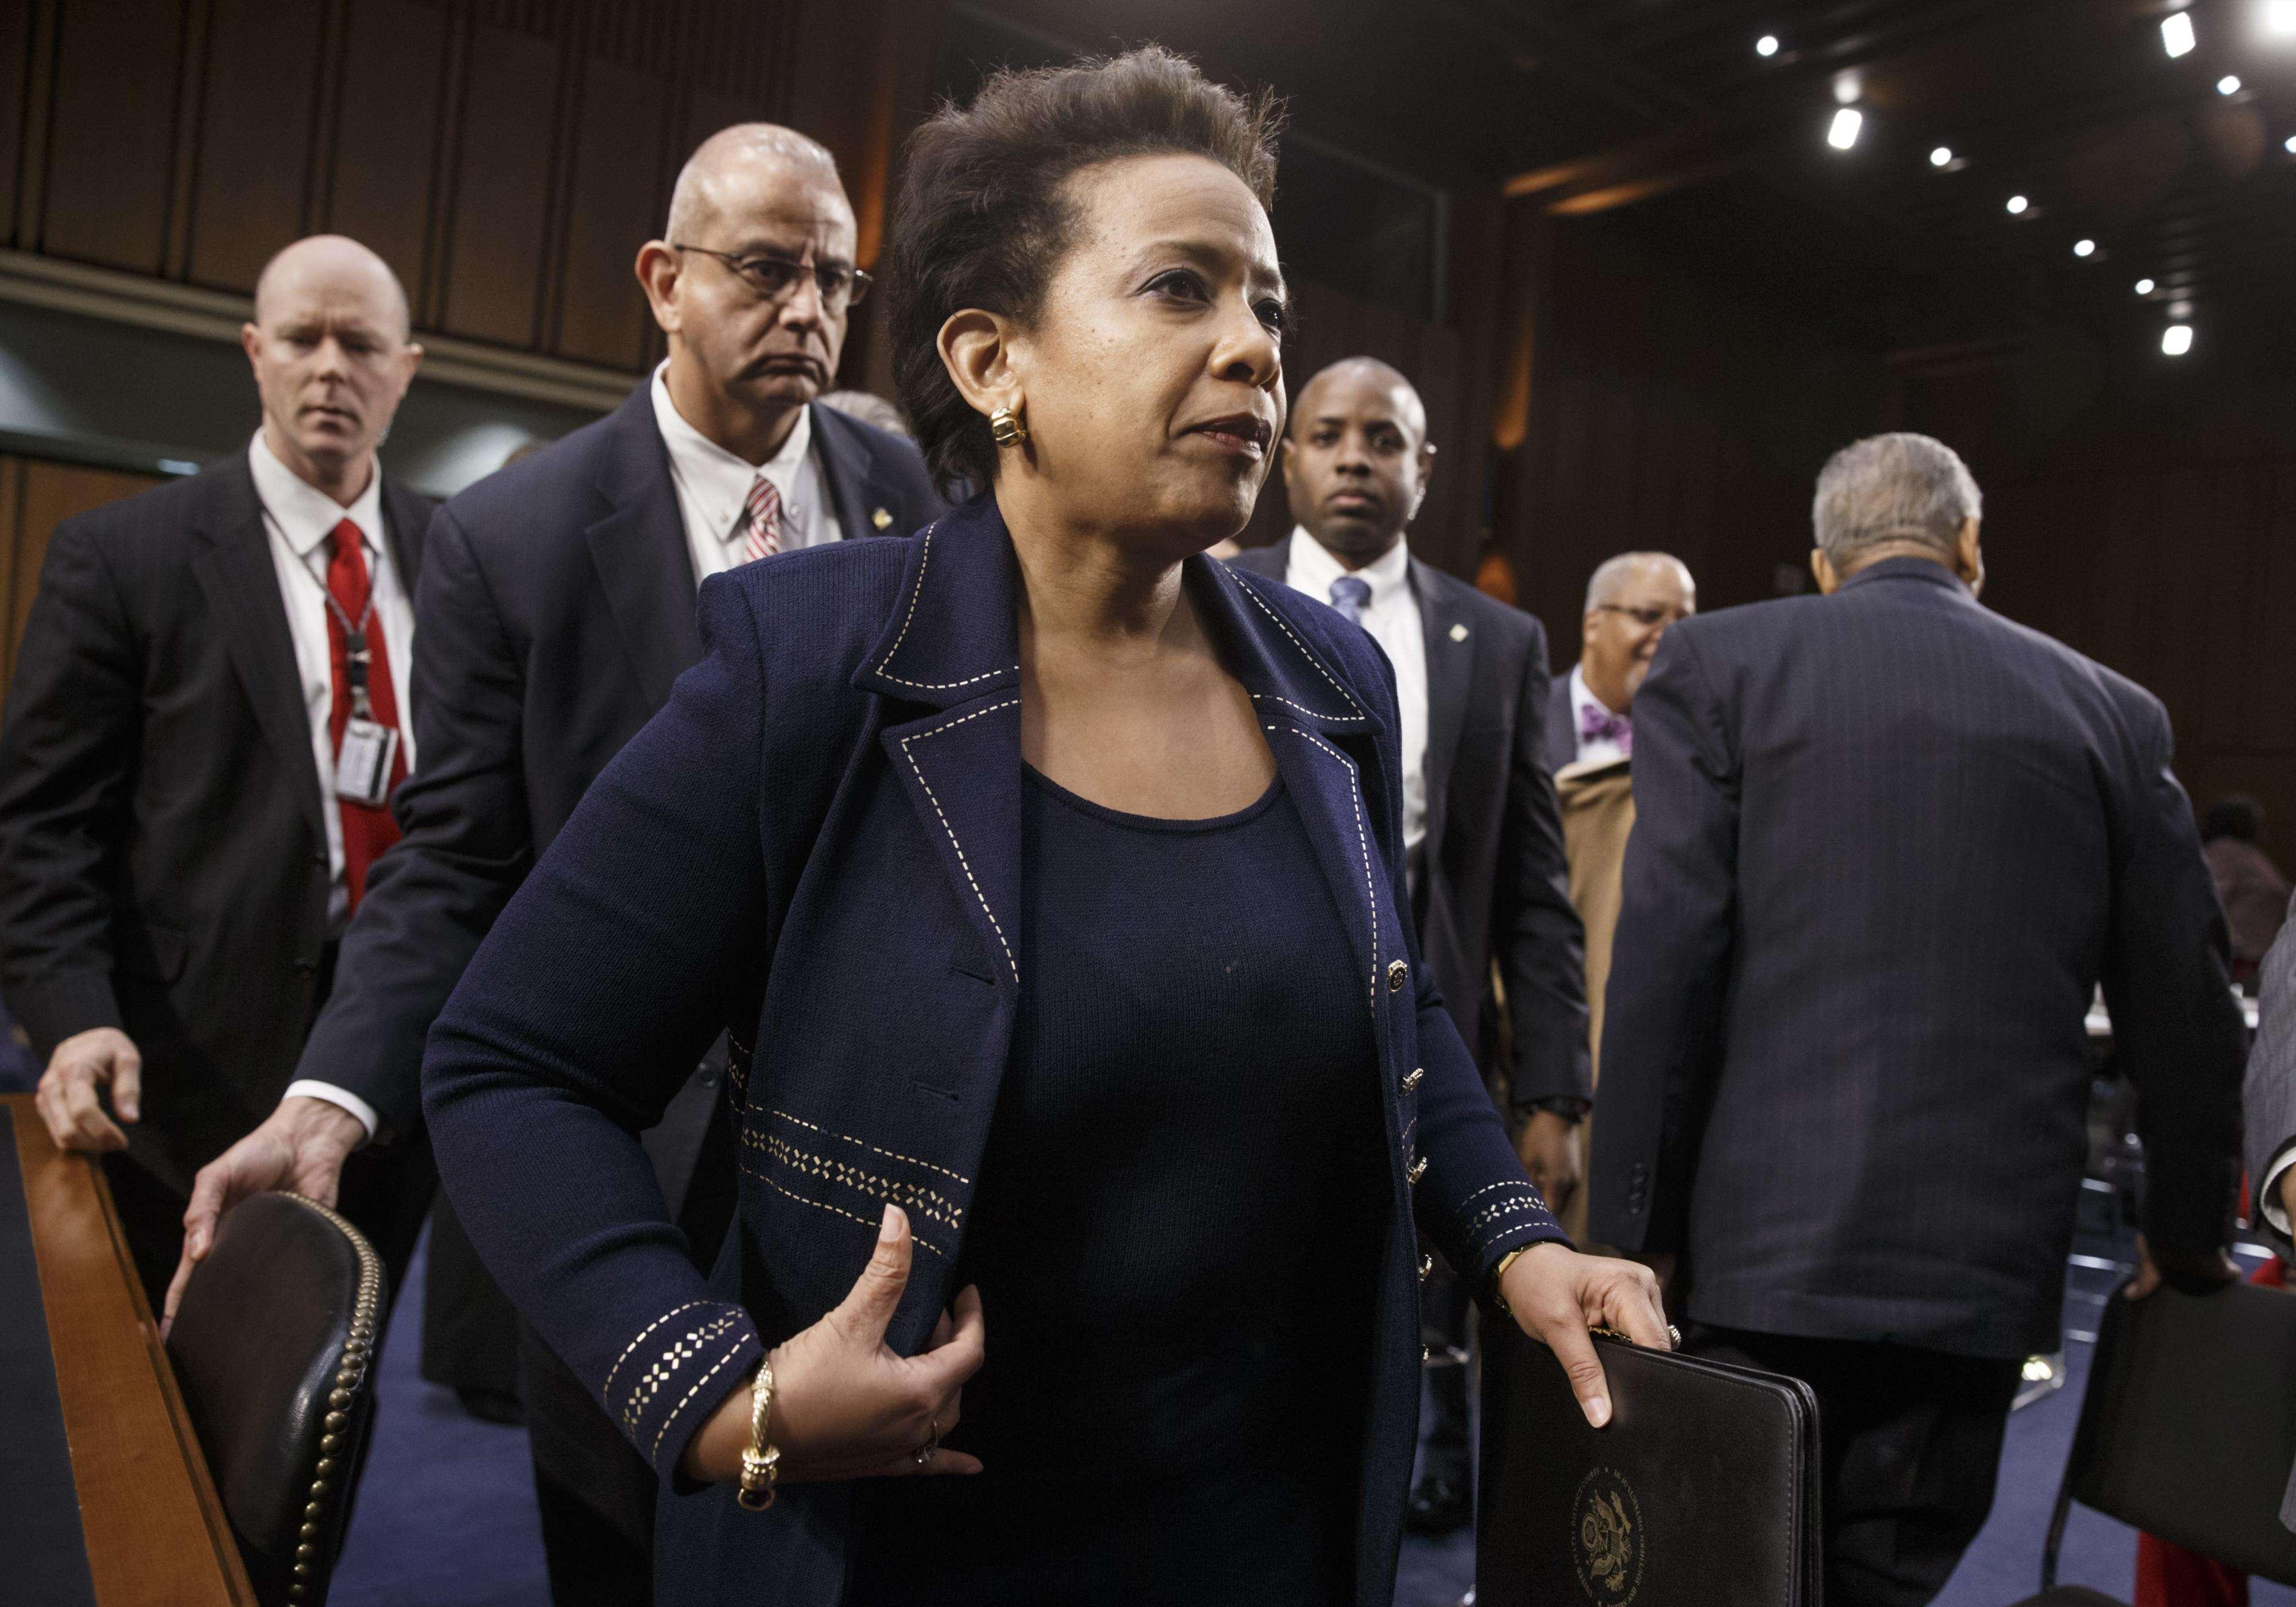 Loretta Lynch, nominada por el presidente Barack Obama al cargo de secretaria de Justicia, en sustitución de Eric Holder. Foto: AP en español